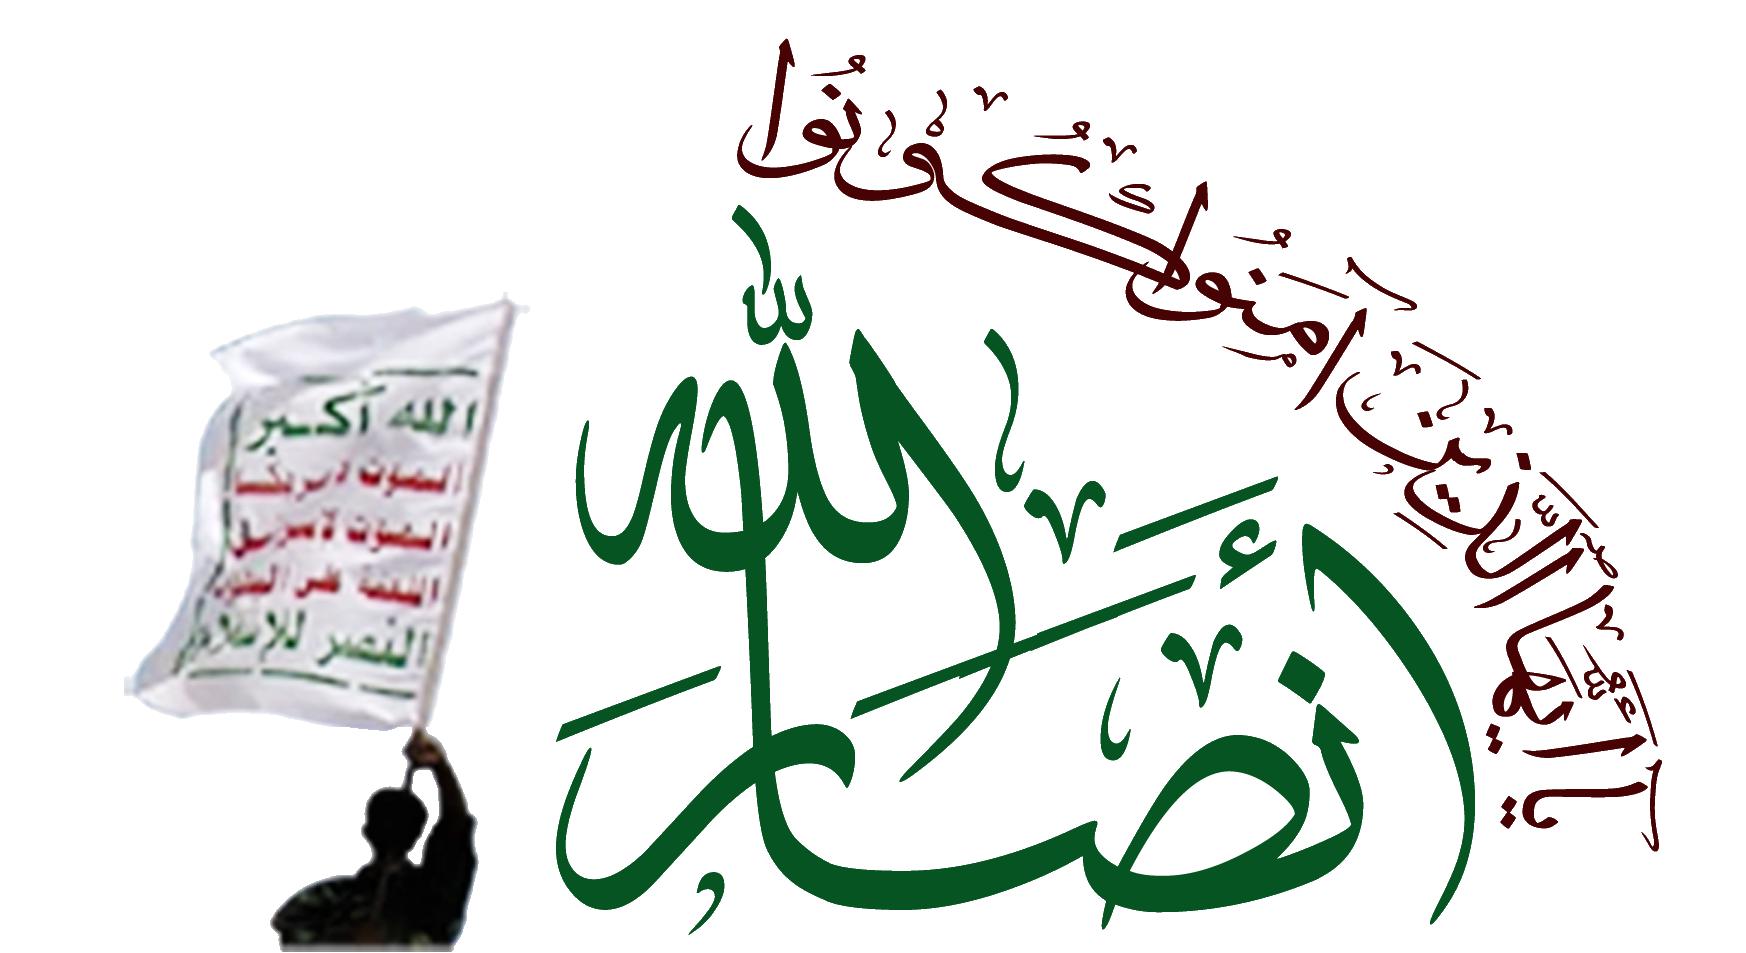 تکذیب شهادت عبدالملک الحوثی رهبر جنبش انصارالله